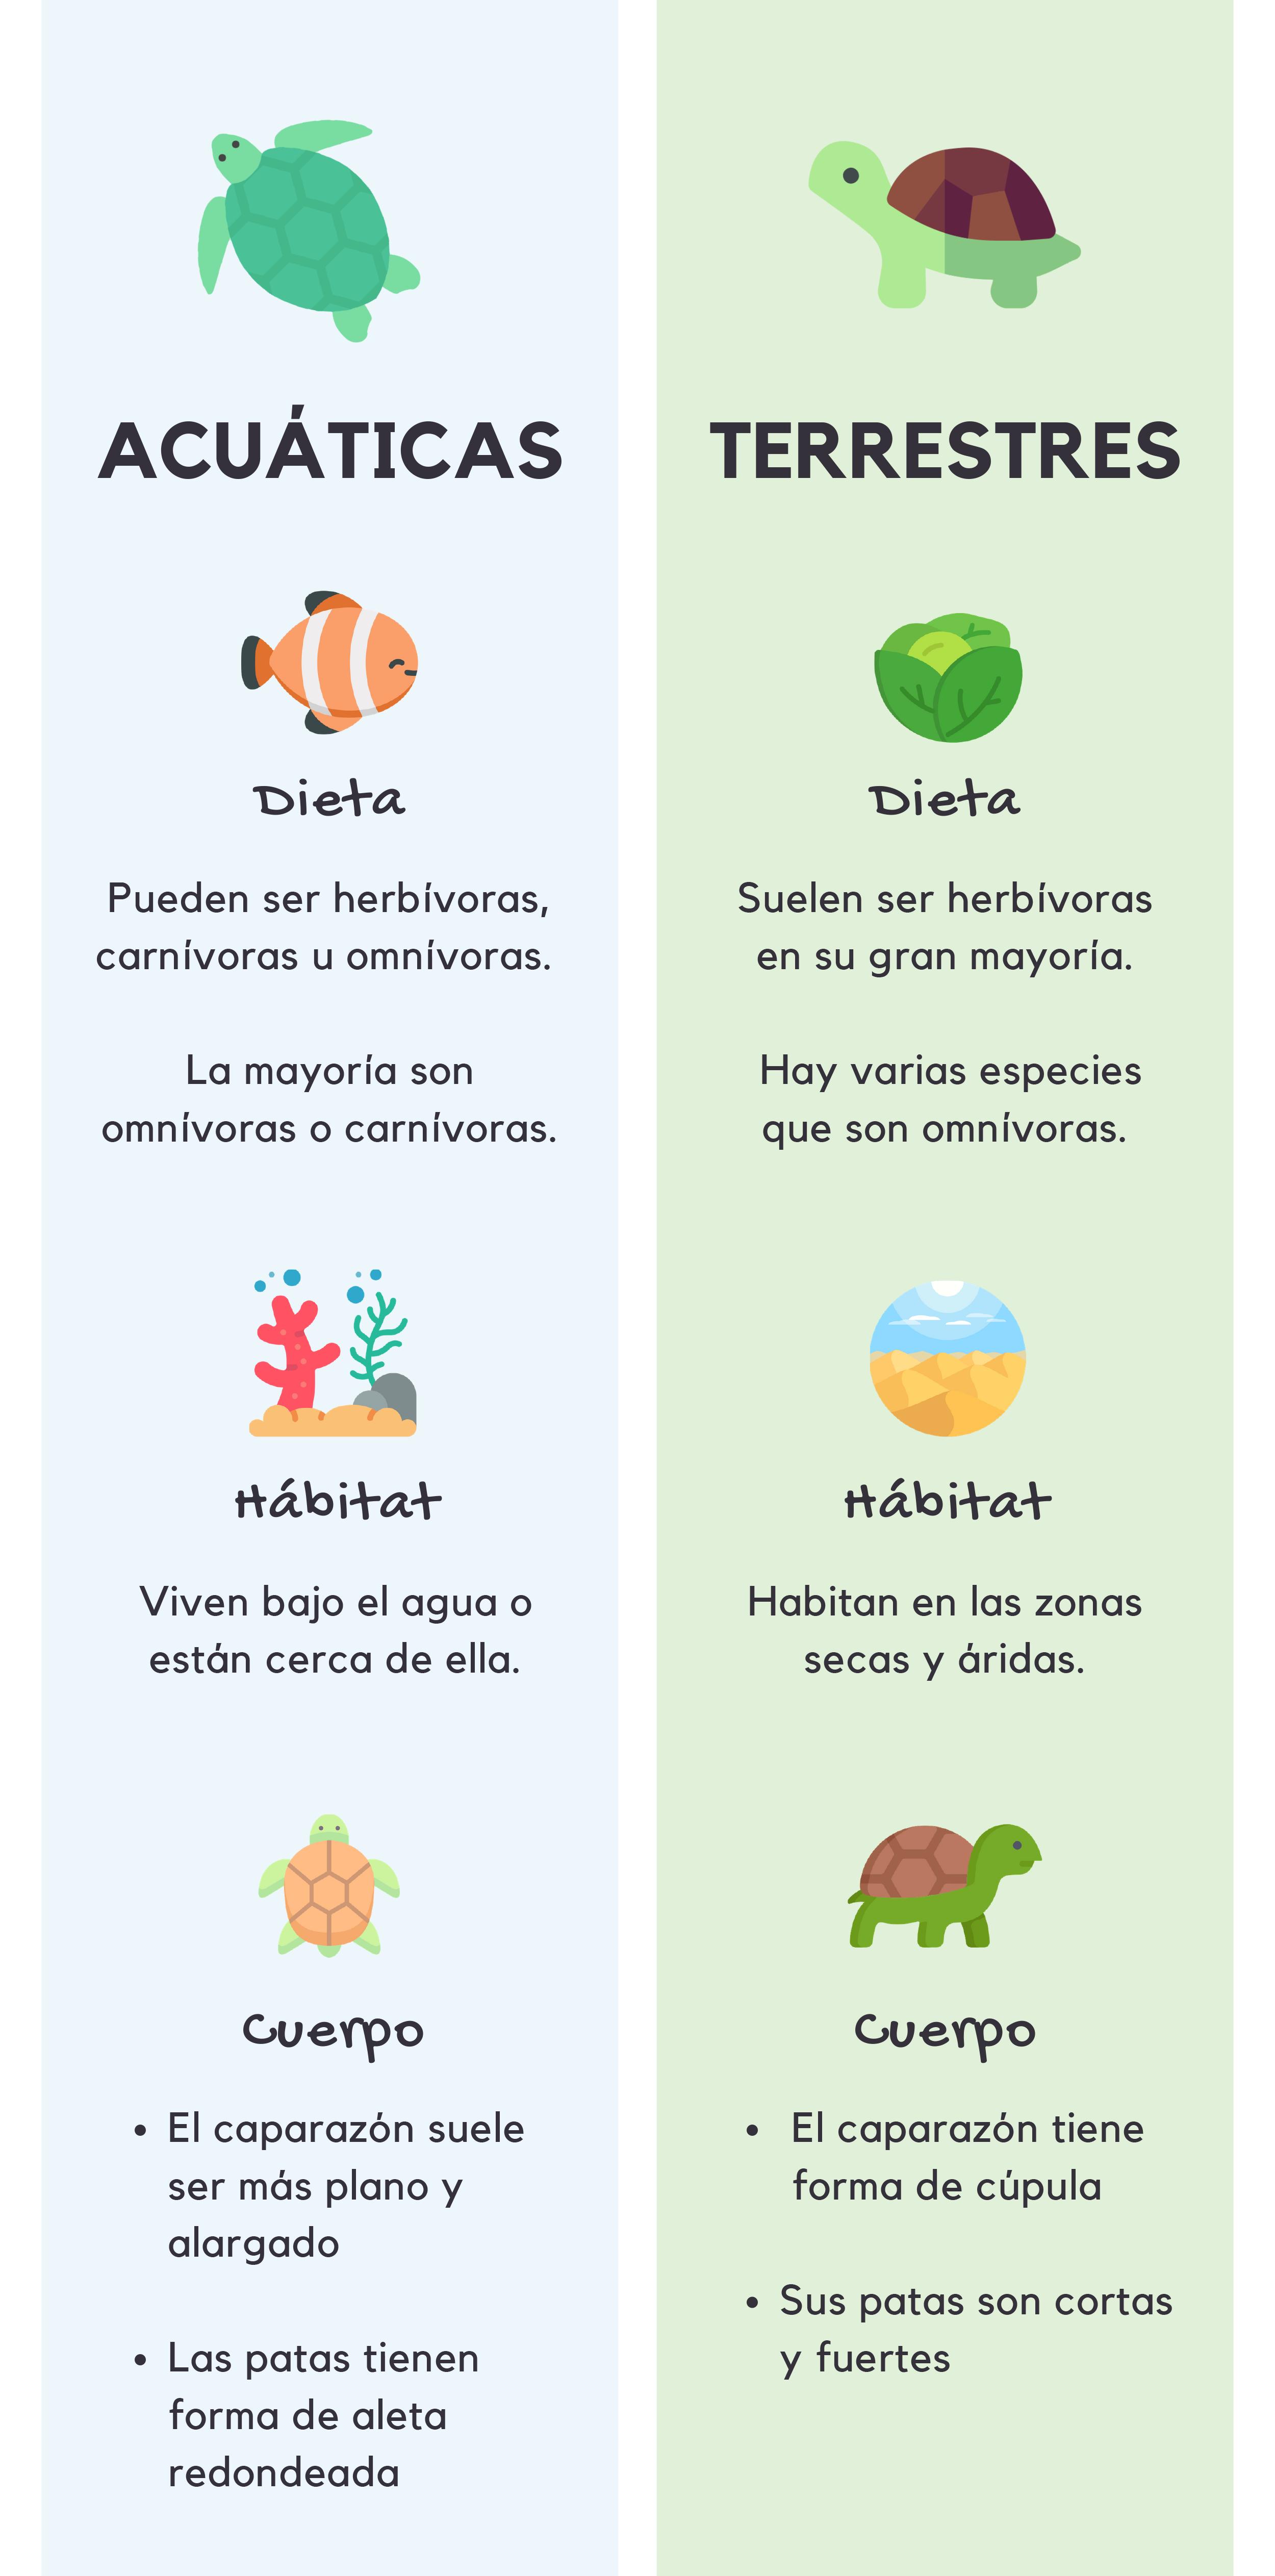 diferencias-entre-tortugas-de-agua-y-tortugas-de-tierra